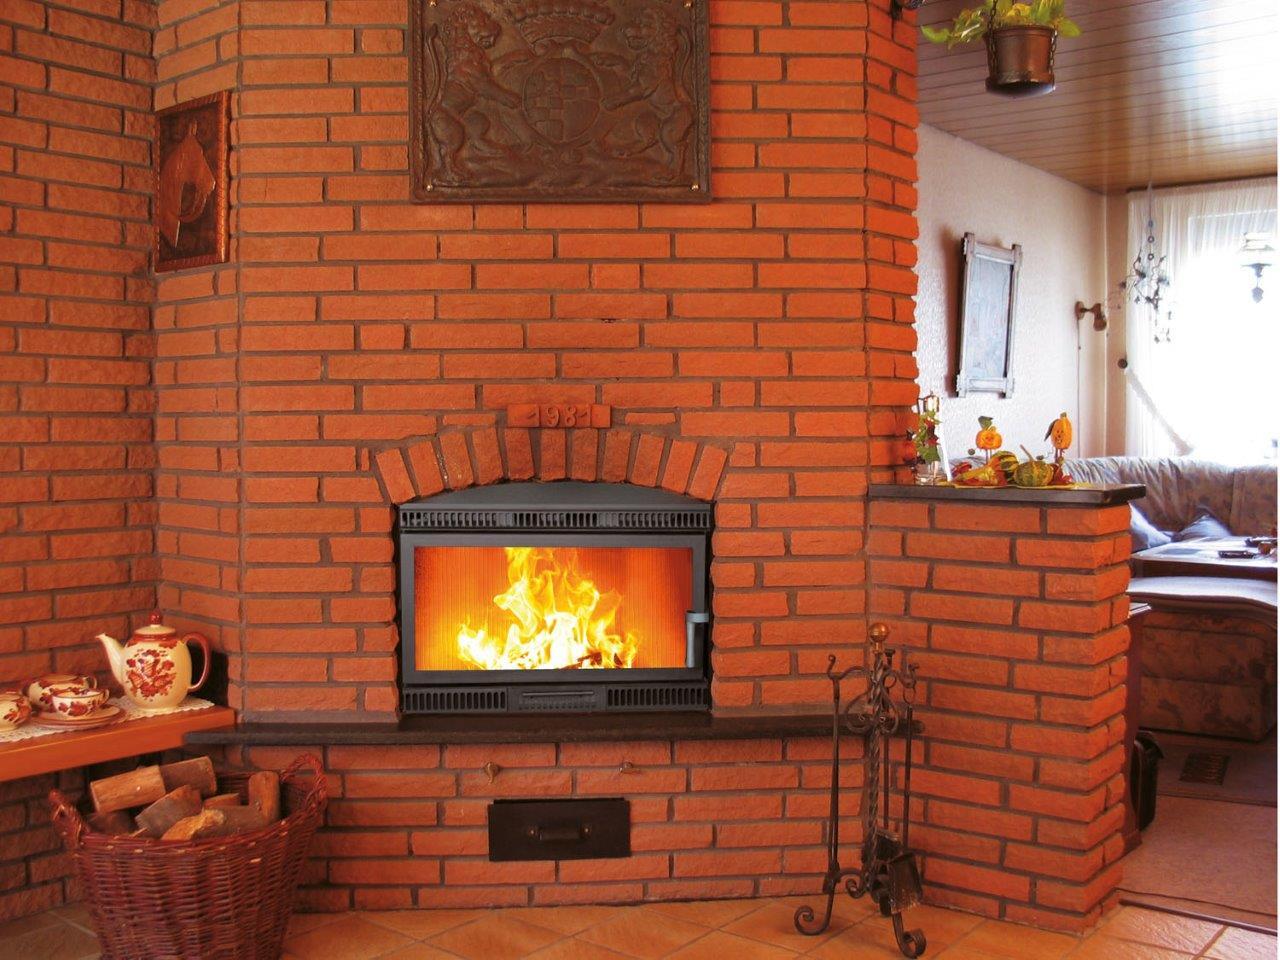 Rustikale Kamine Innung Des Kachelofen Und Kaminbauerhandwerks